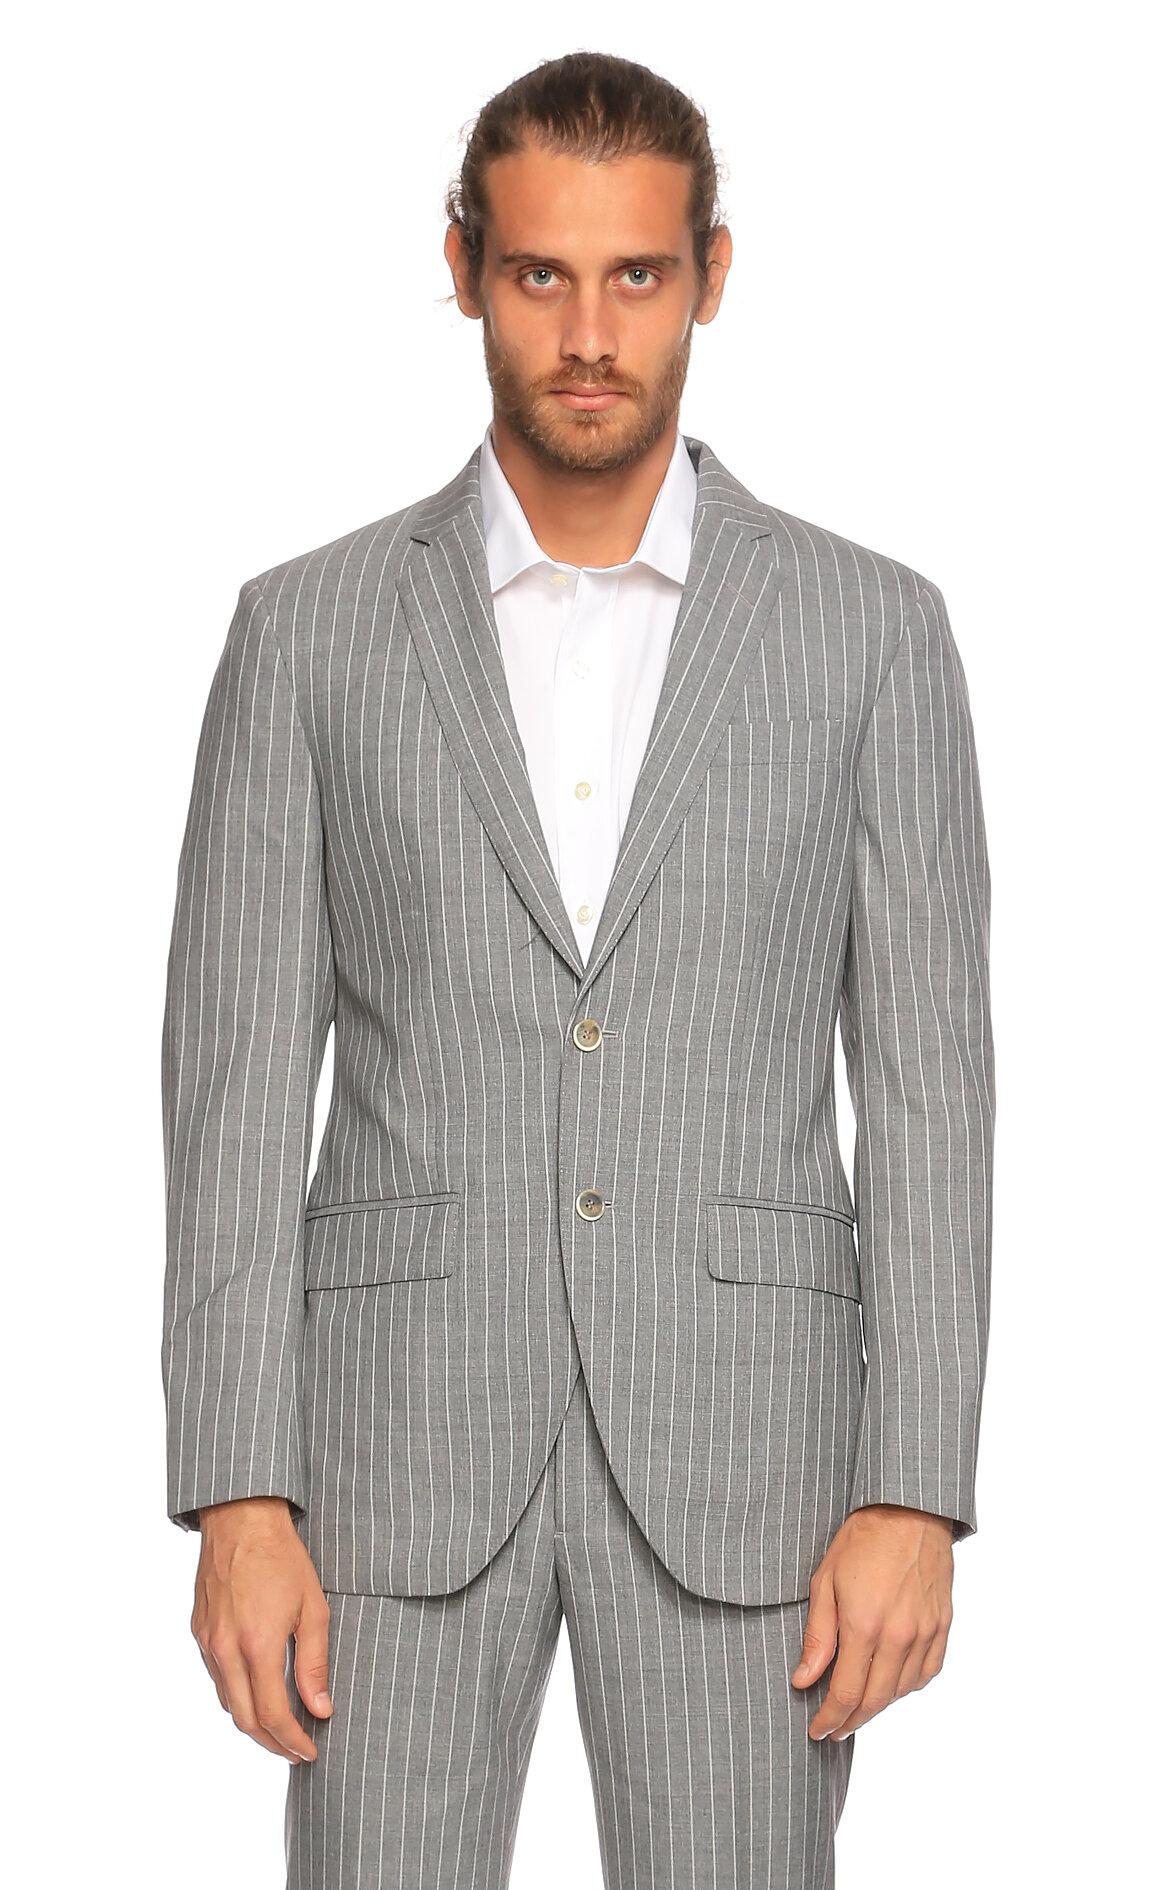 Hackett-Hackett Çizgili Gri Takım Elbise